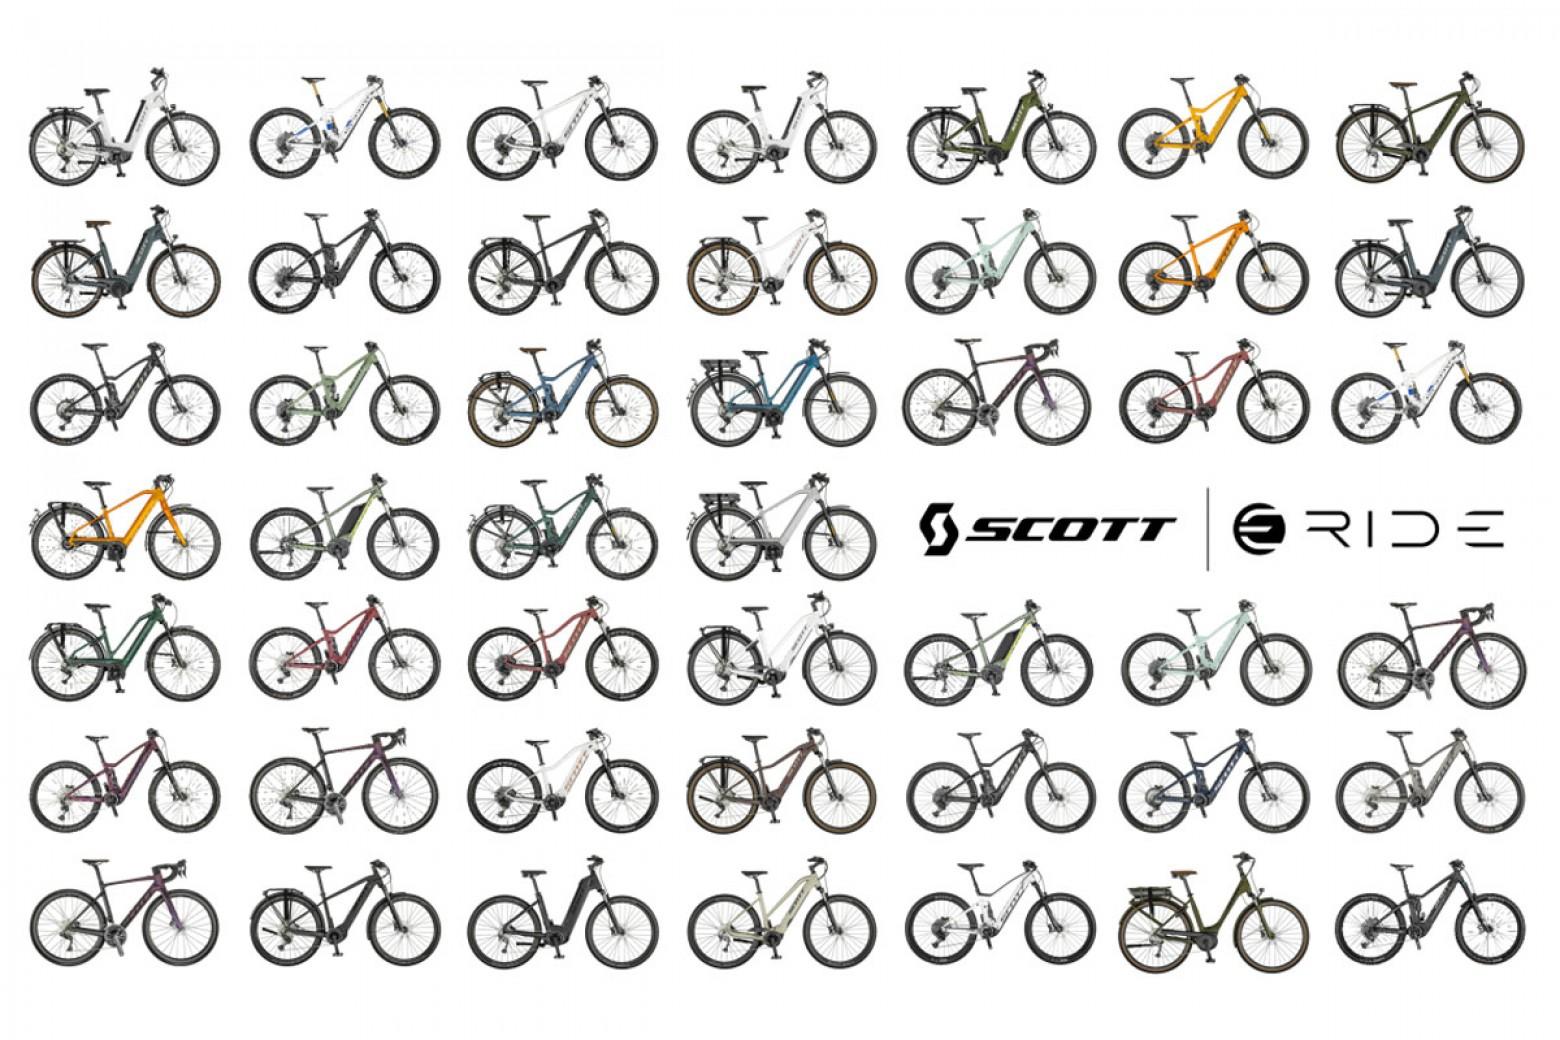 coleccion-scott-eride-2021/